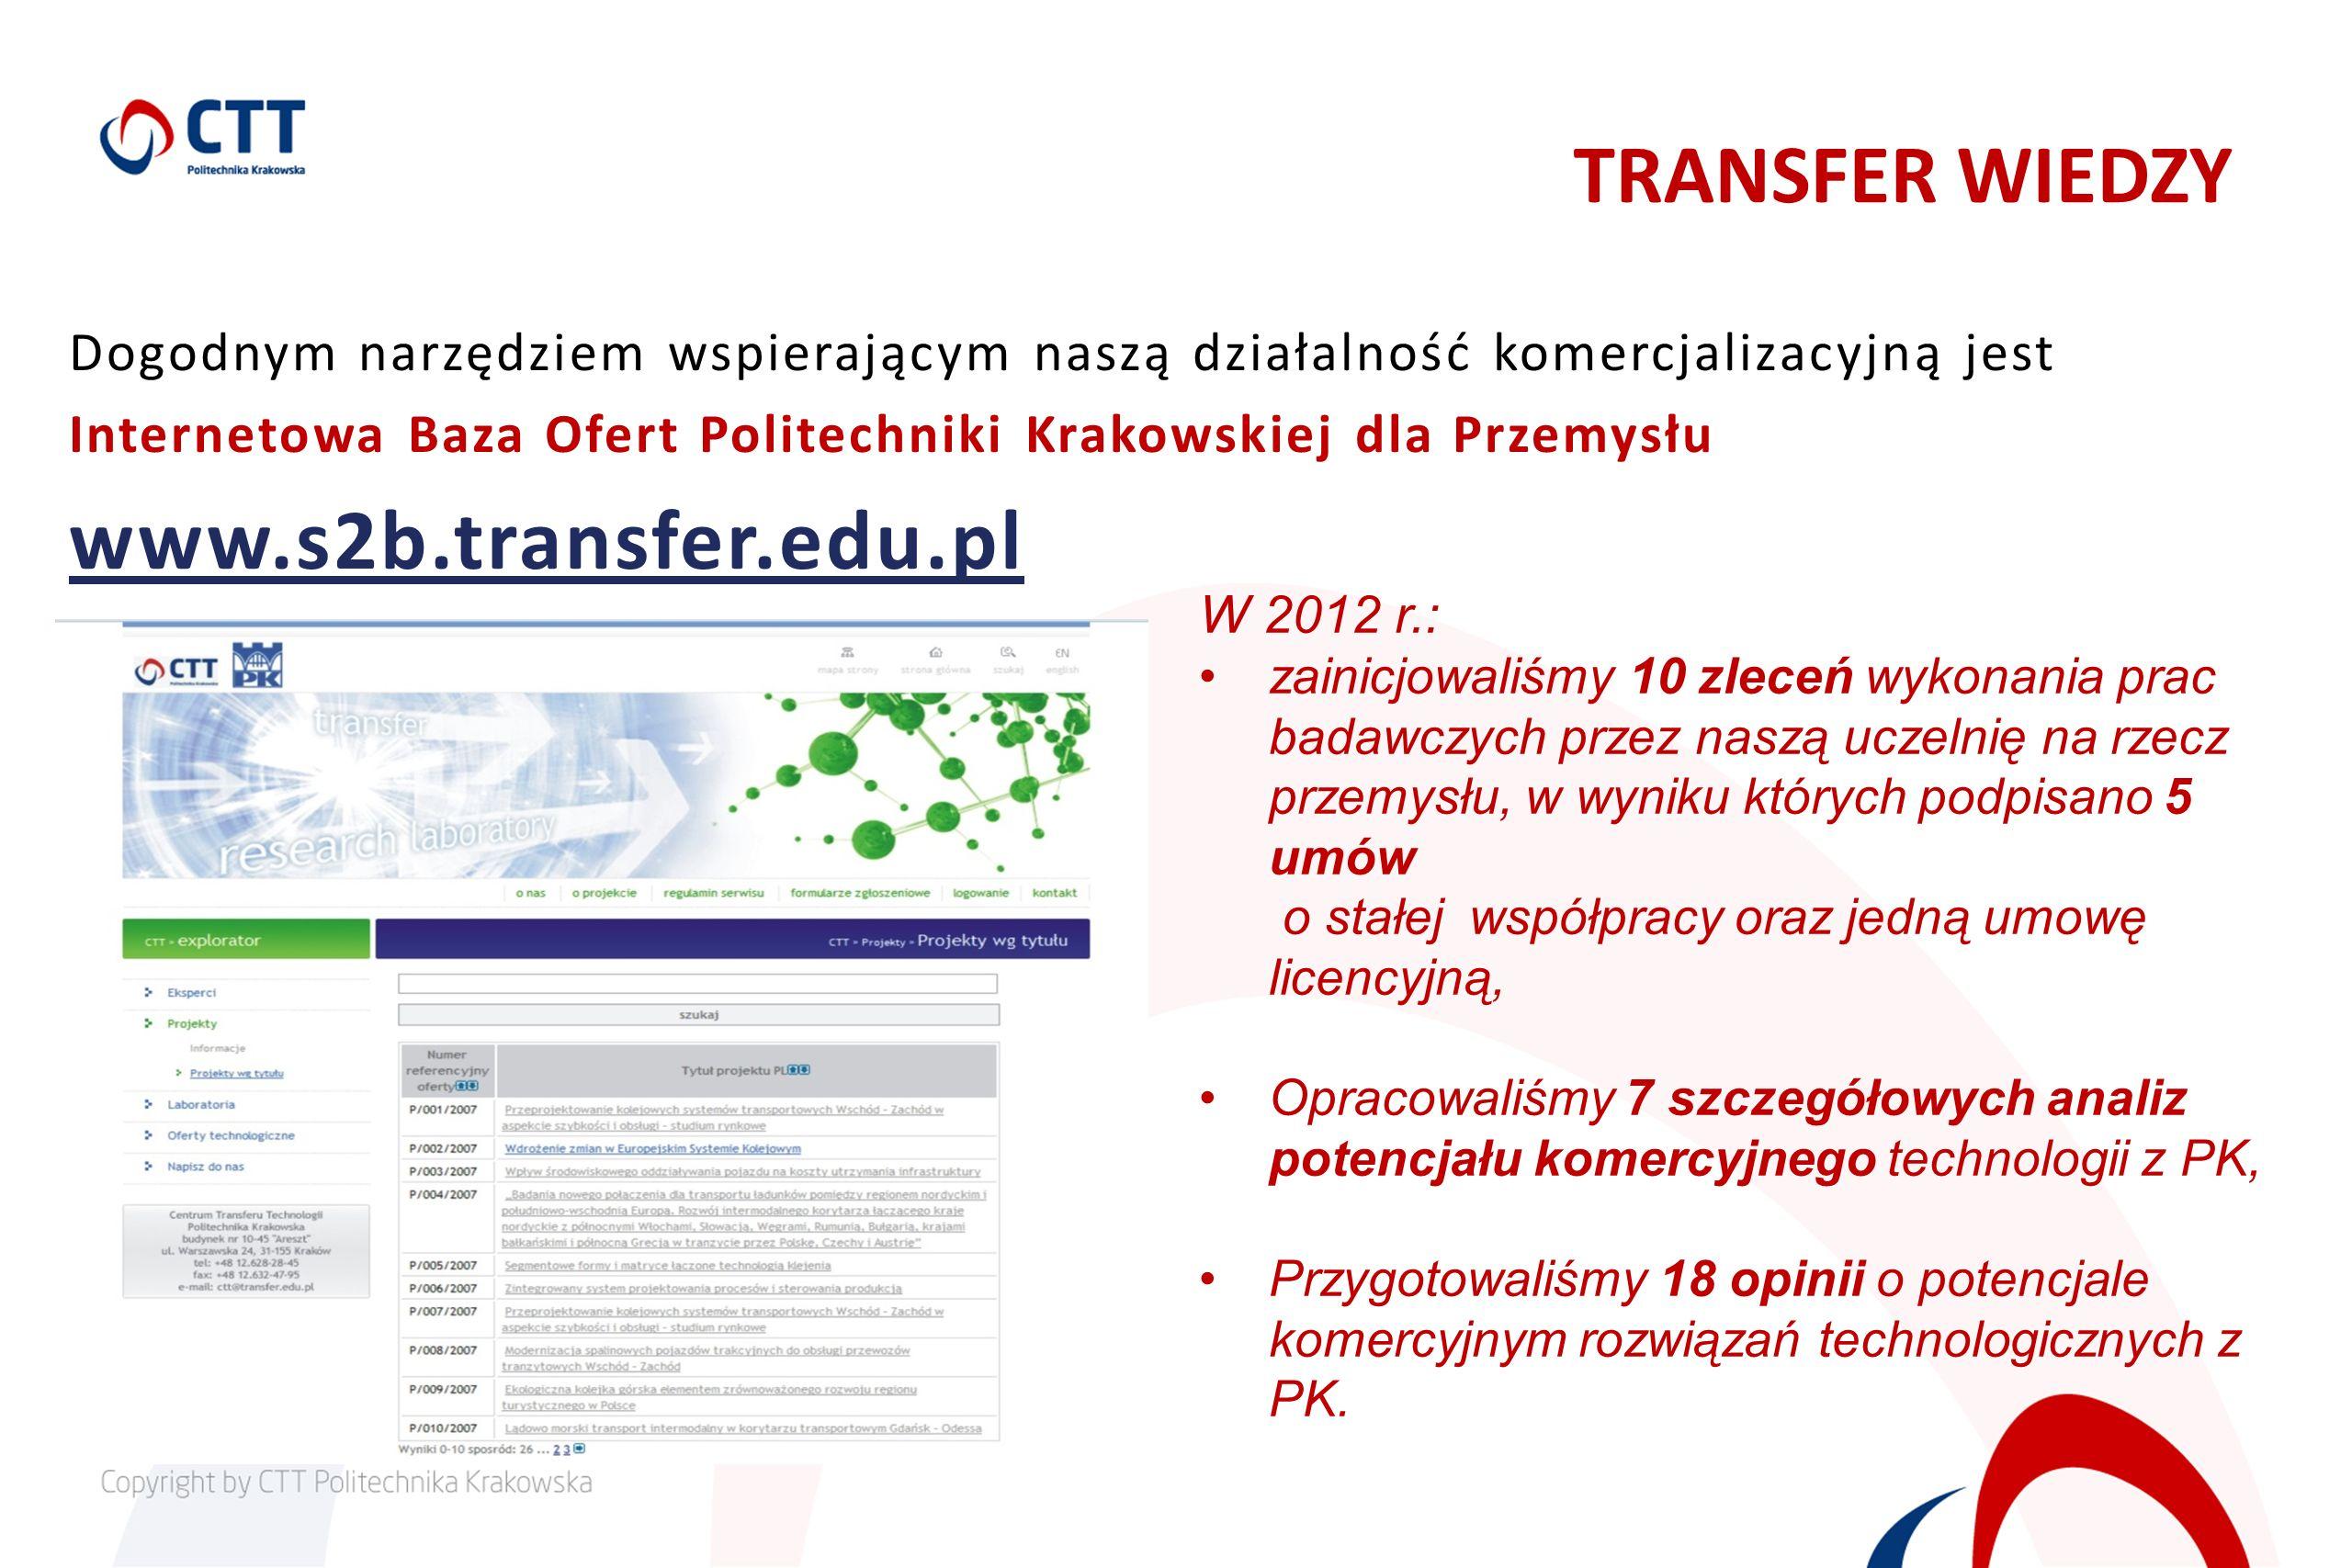 TRANSFER WIEDZY Dogodnym narzędziem wspierającym naszą działalność komercjalizacyjną jest Internetowa Baza Ofert Politechniki Krakowskiej dla Przemysł